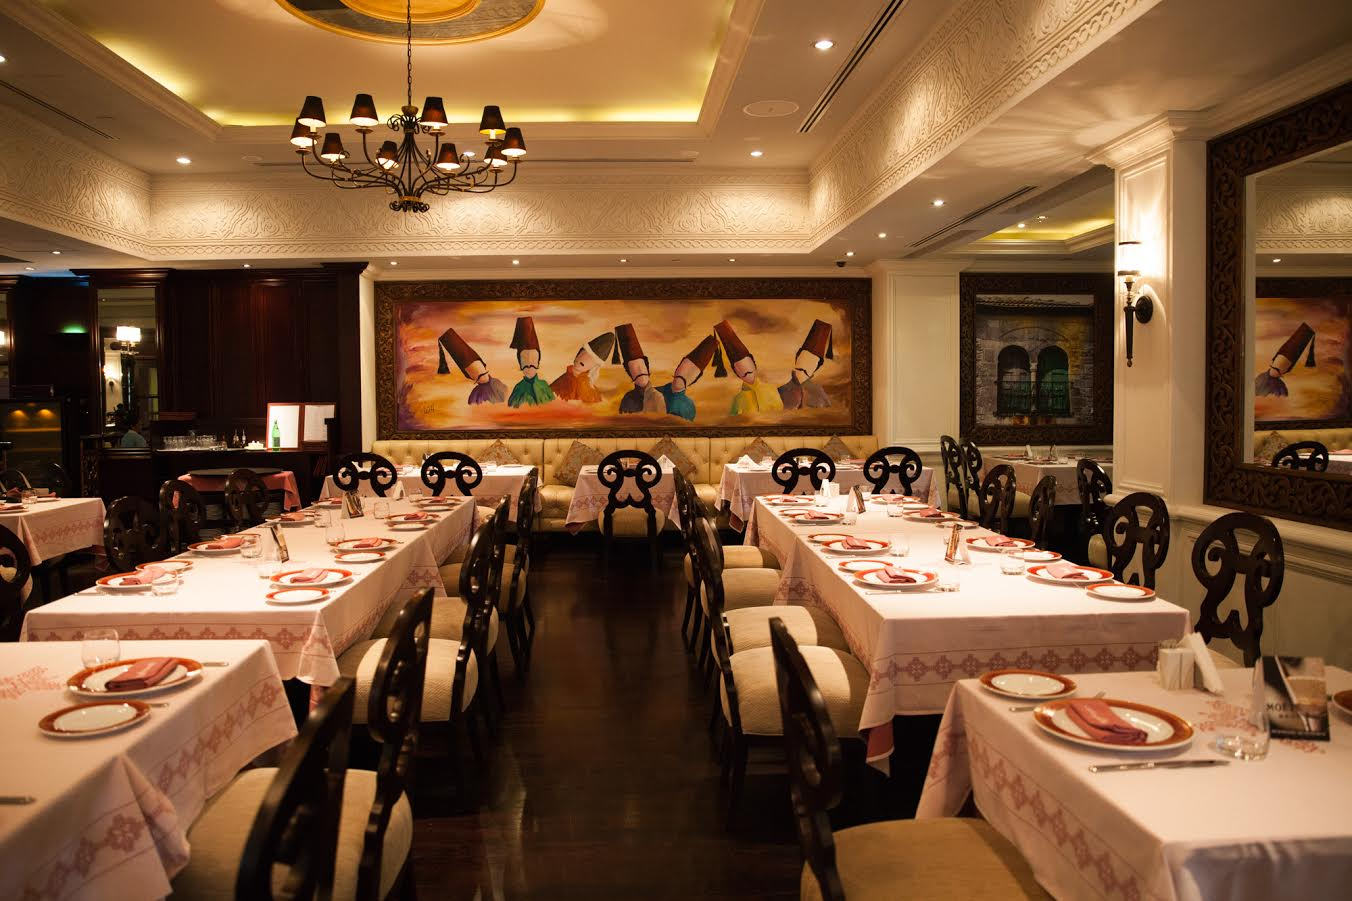 مطعم النافورة يحتفل بعيد الأم بطريقته الخاصة